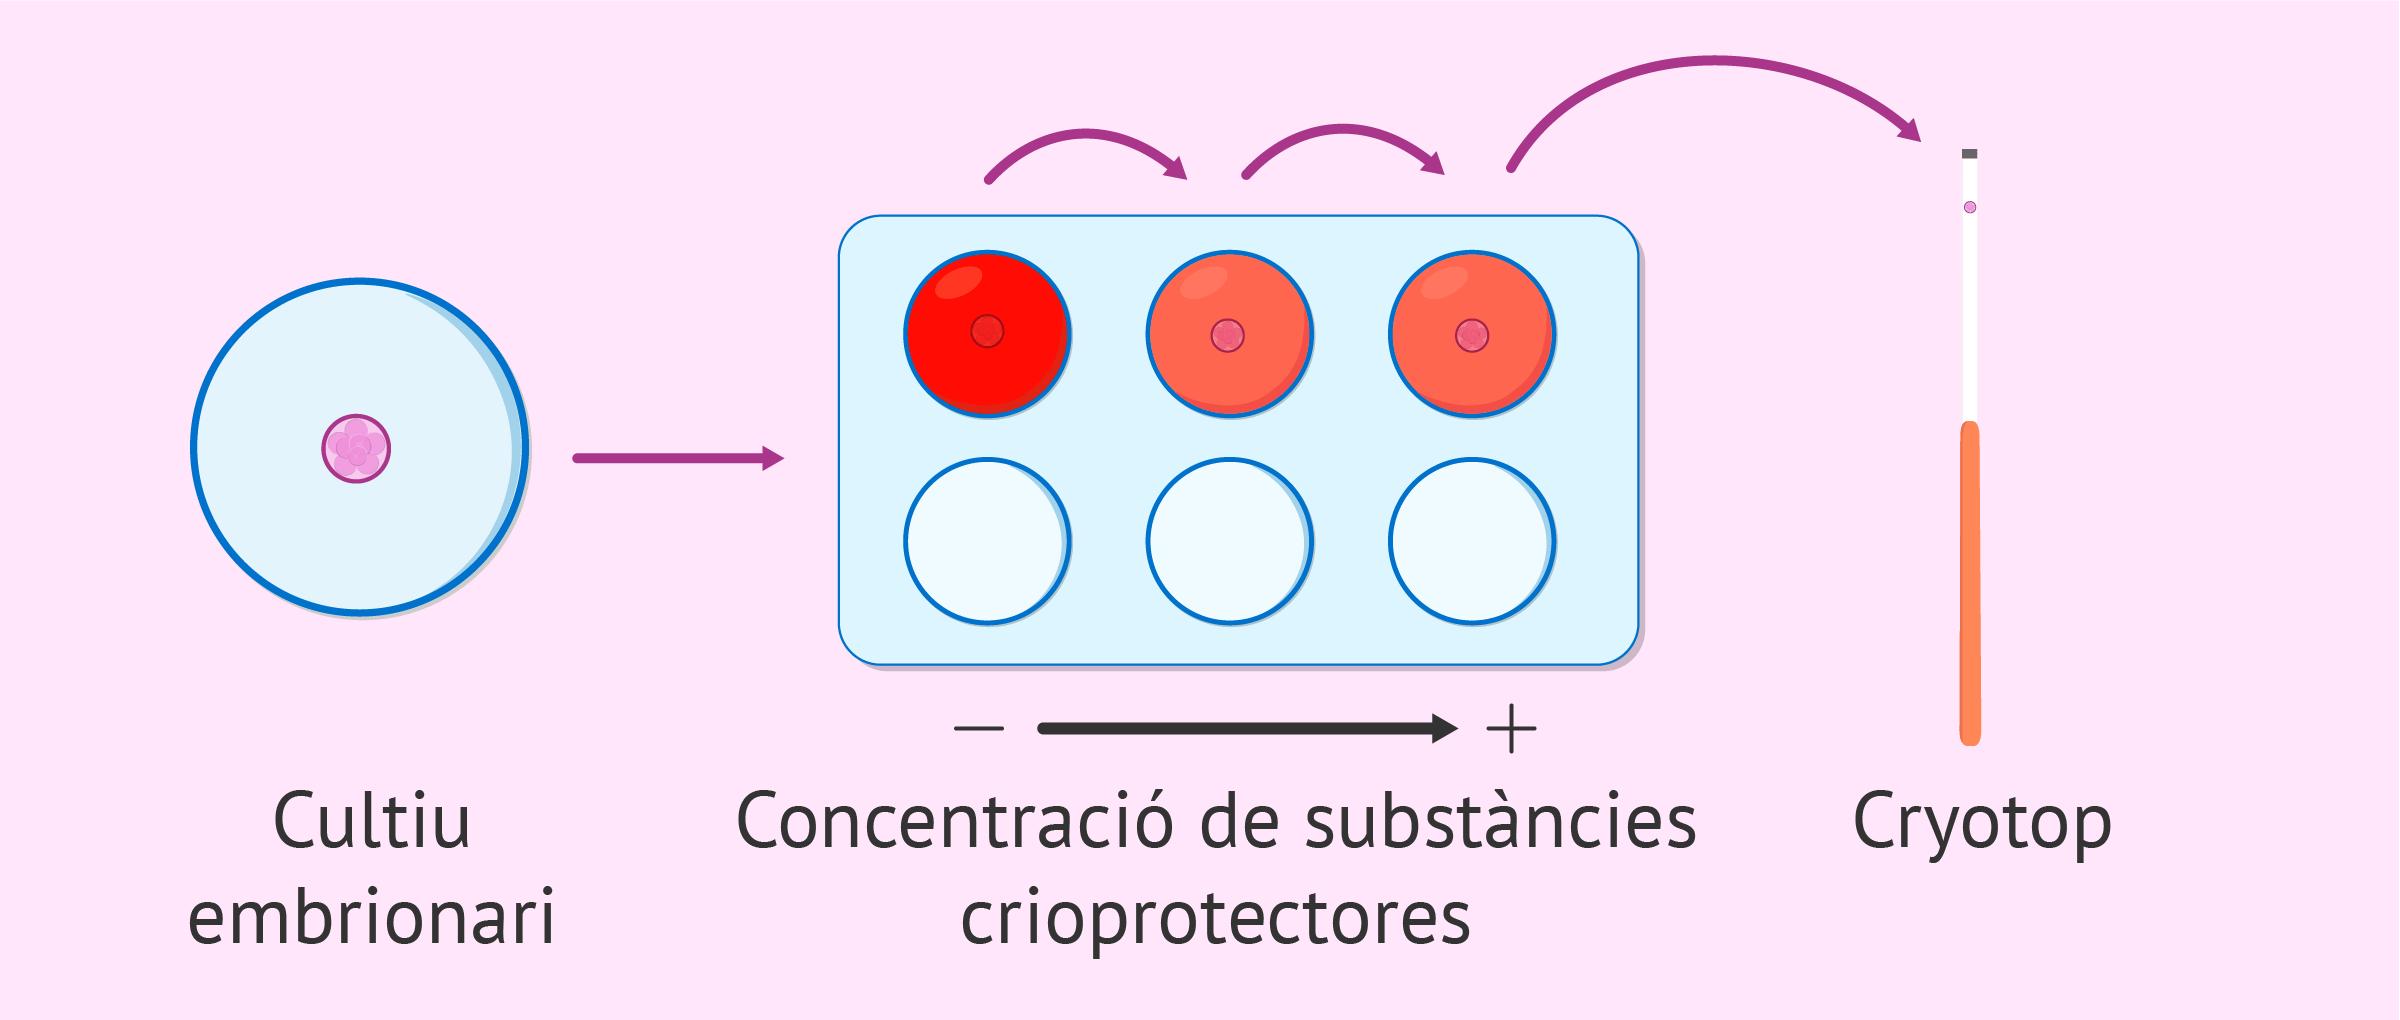 Deshidratació dels embrions per a vitrificar